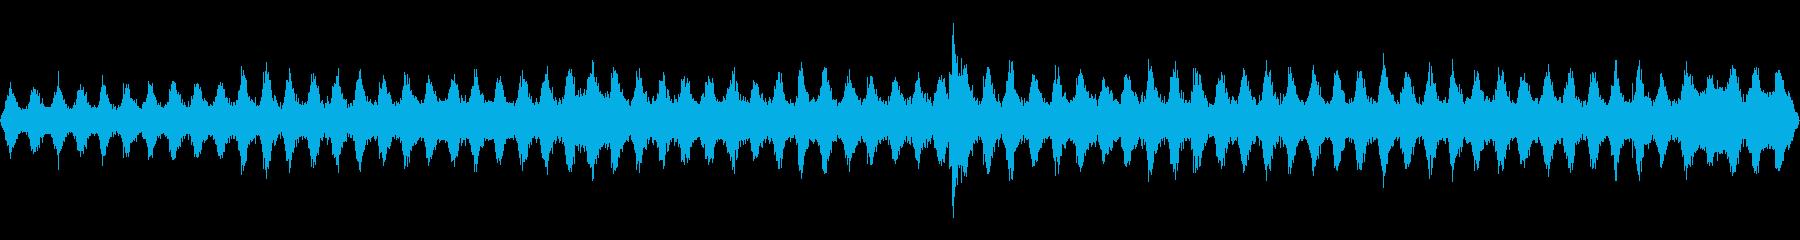 バックグラウンドで蒸気ホースヒス、...の再生済みの波形